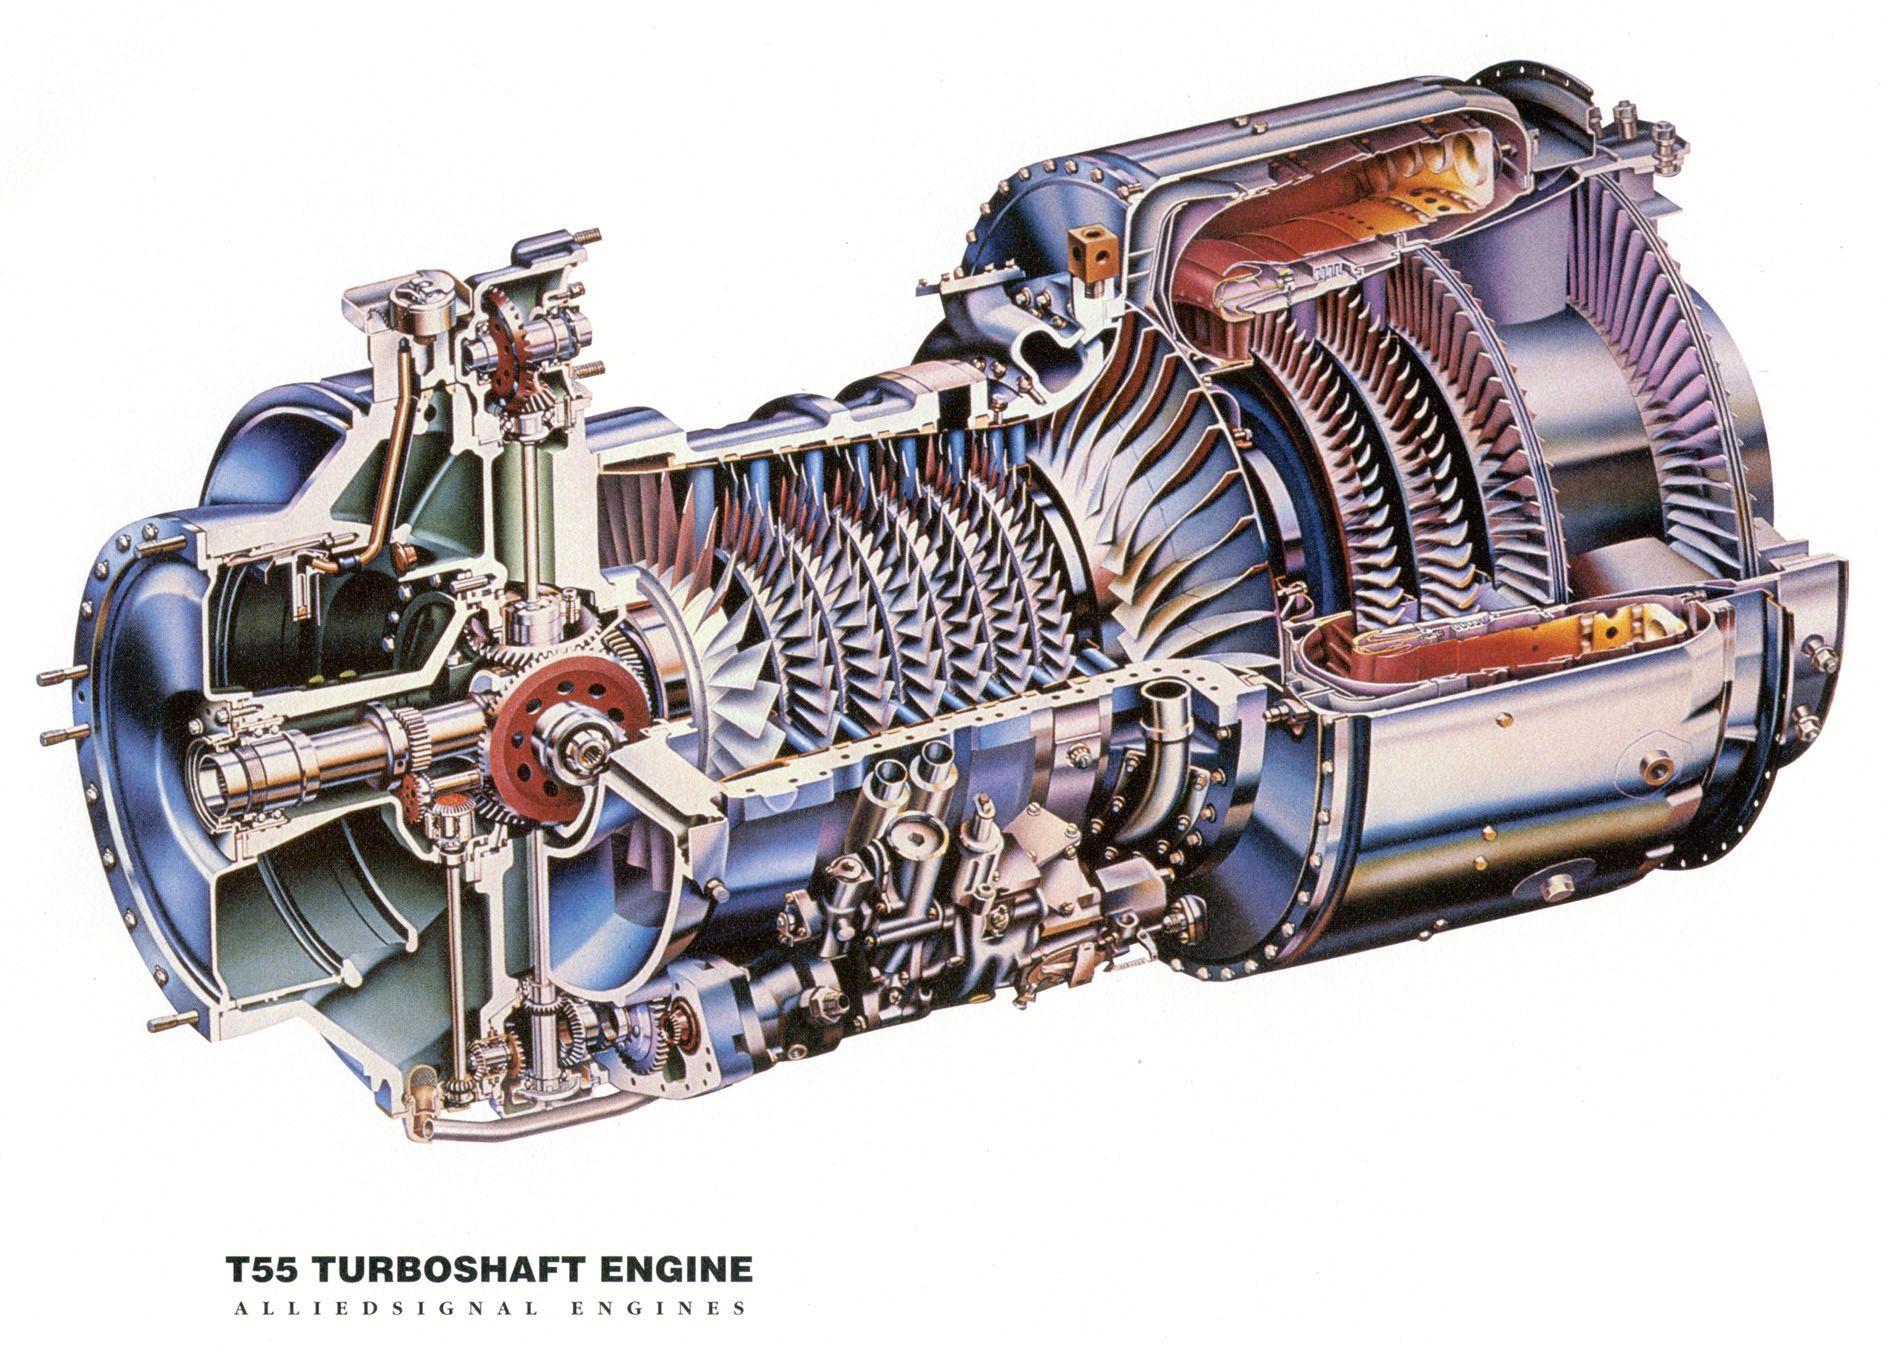 「戦車 エンジン」の画像検索結果